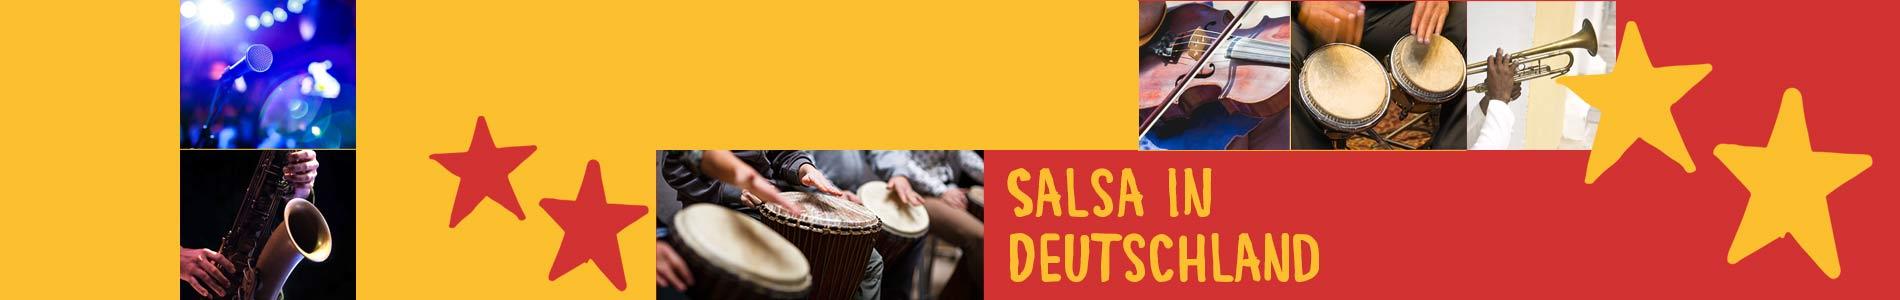 Salsa in Bräunlingen – Salsa lernen und tanzen, Tanzkurse, Partys, Veranstaltungen